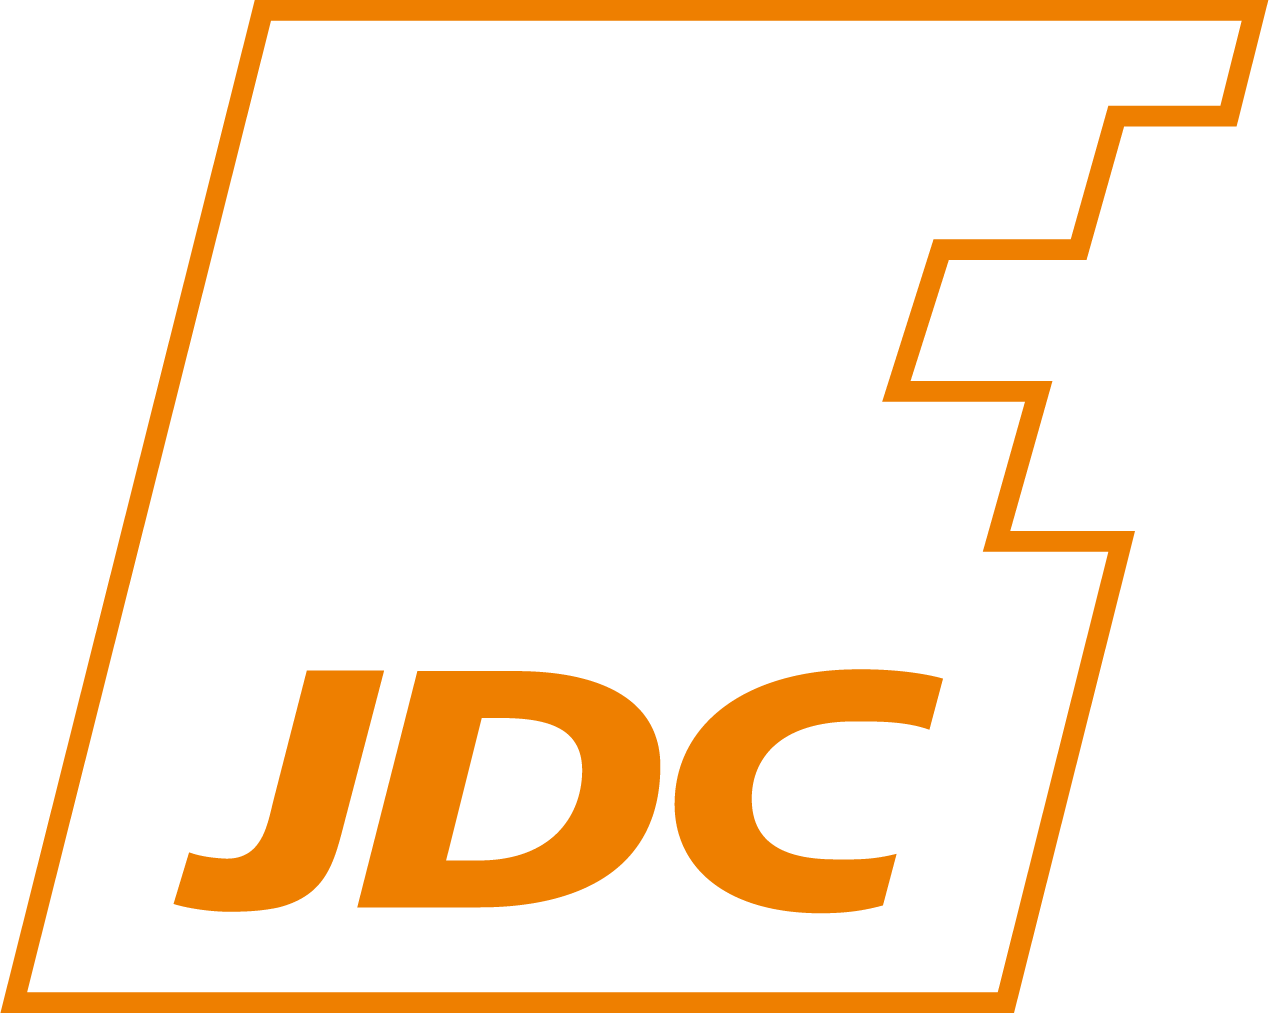 Logo du JDC